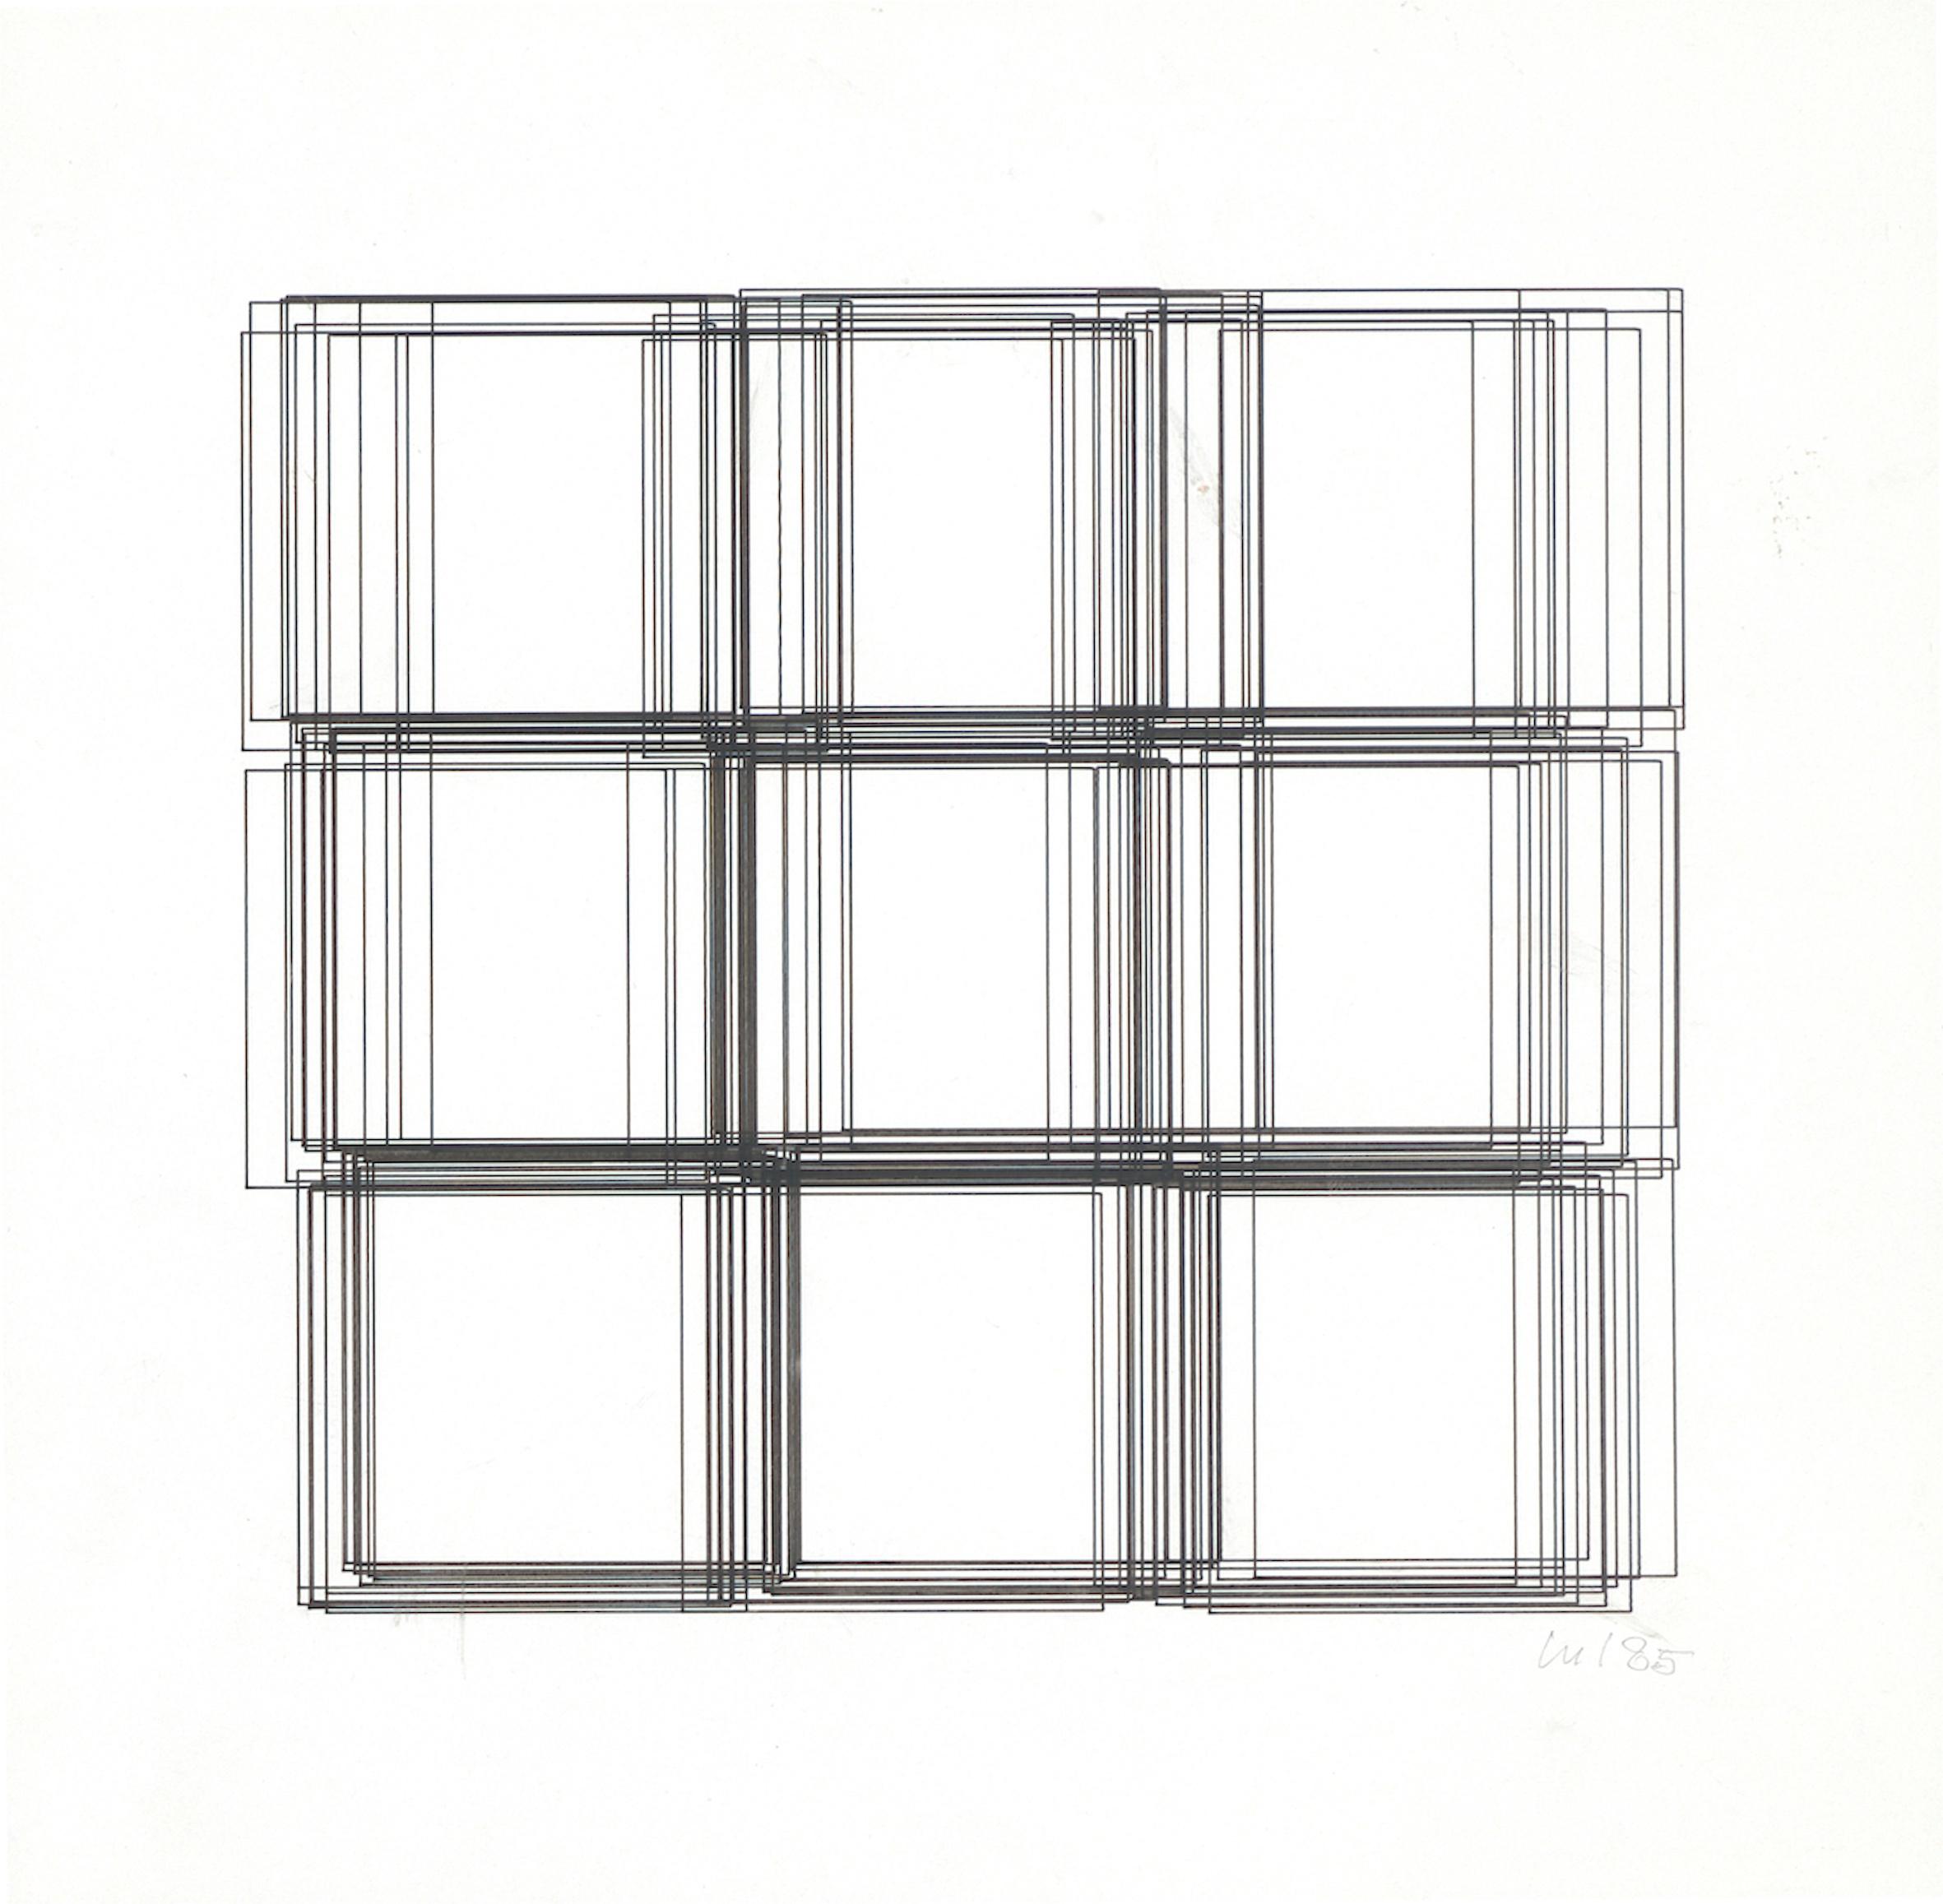 Vera Molnar, Repentier, Plotterzeichnung, 22 x 23 cm, 1985